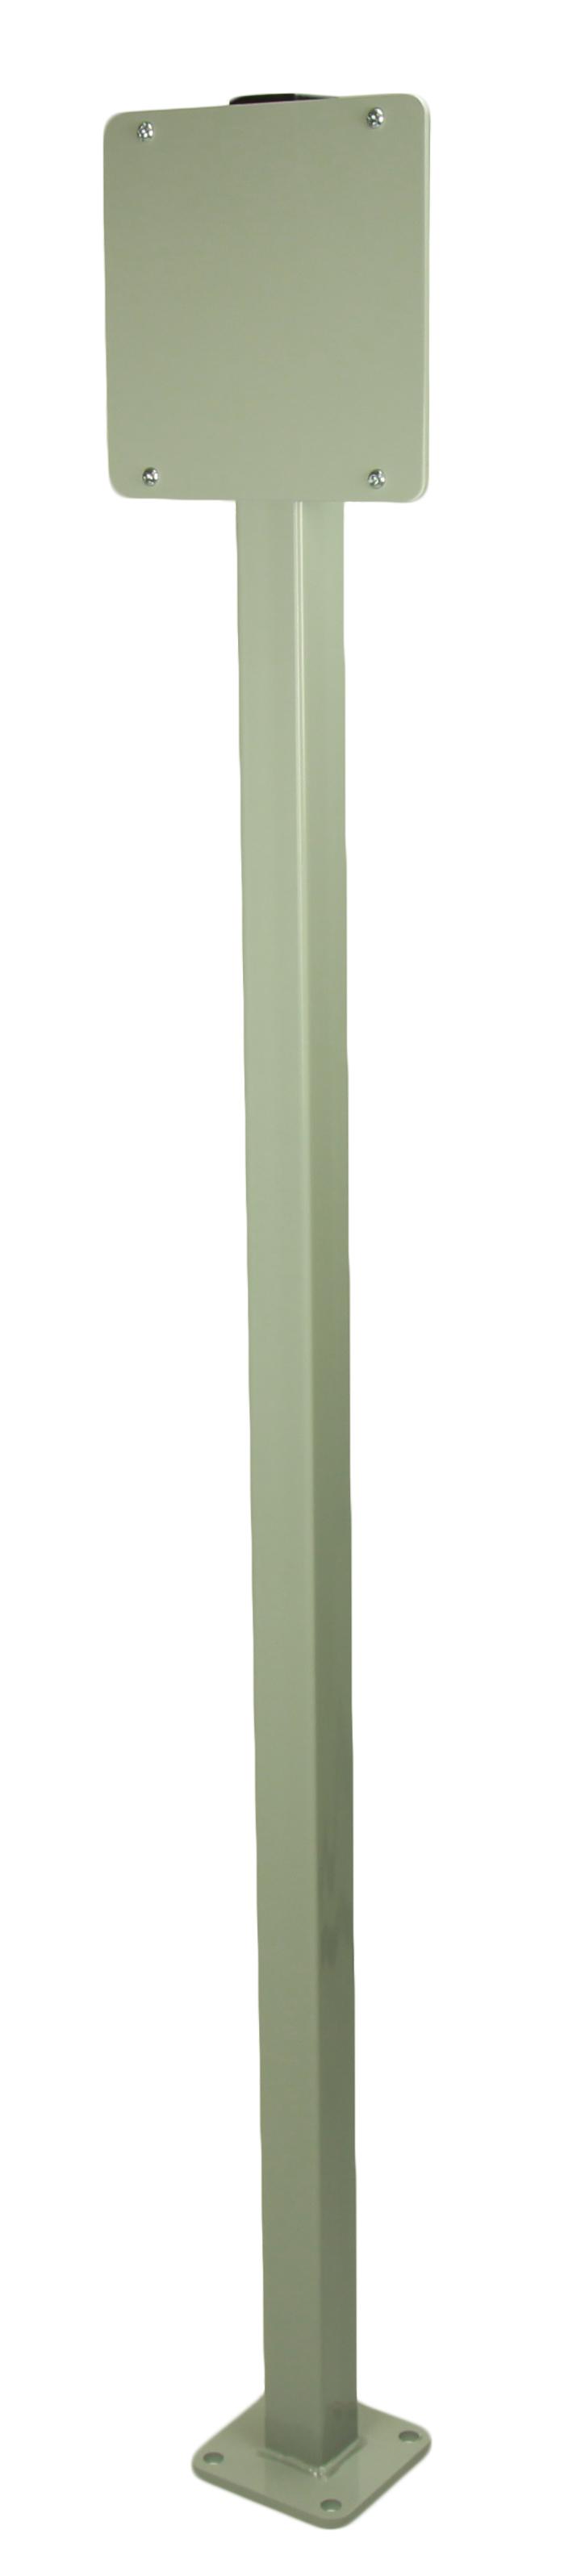 Frost code 909-100 Pedestal For Ashtray.jpg